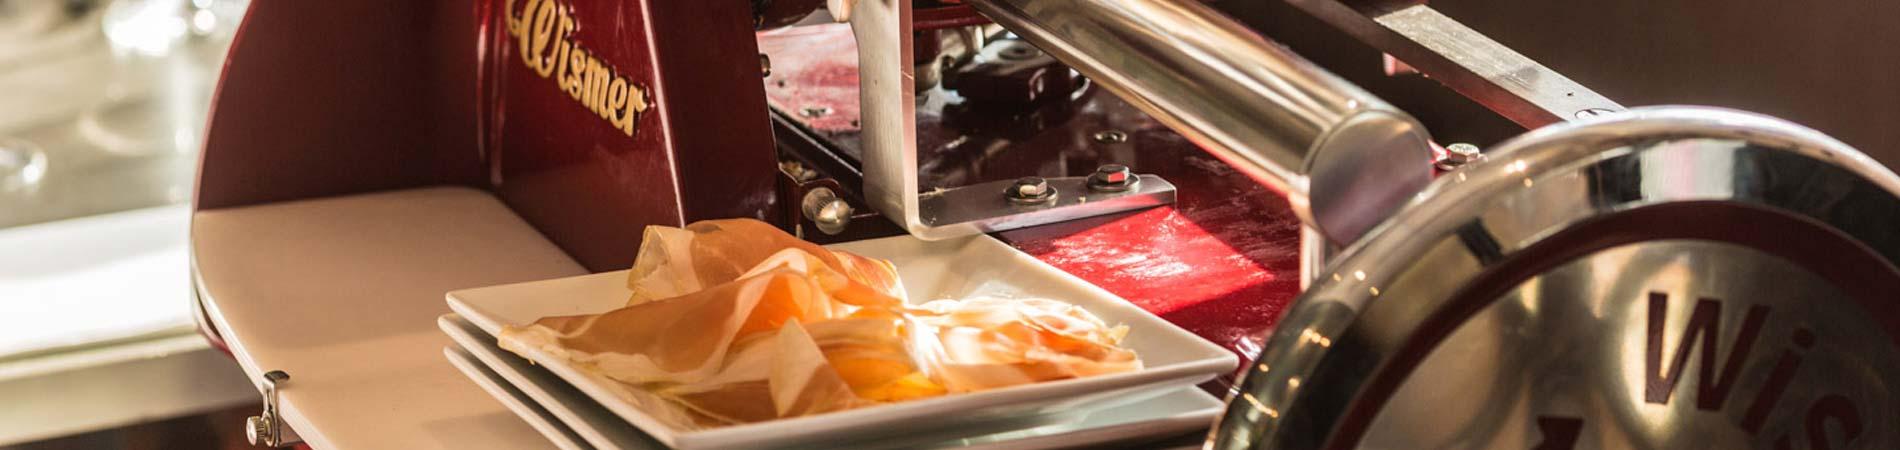 la-grange-restaurant-slider11b-1900x450_small3